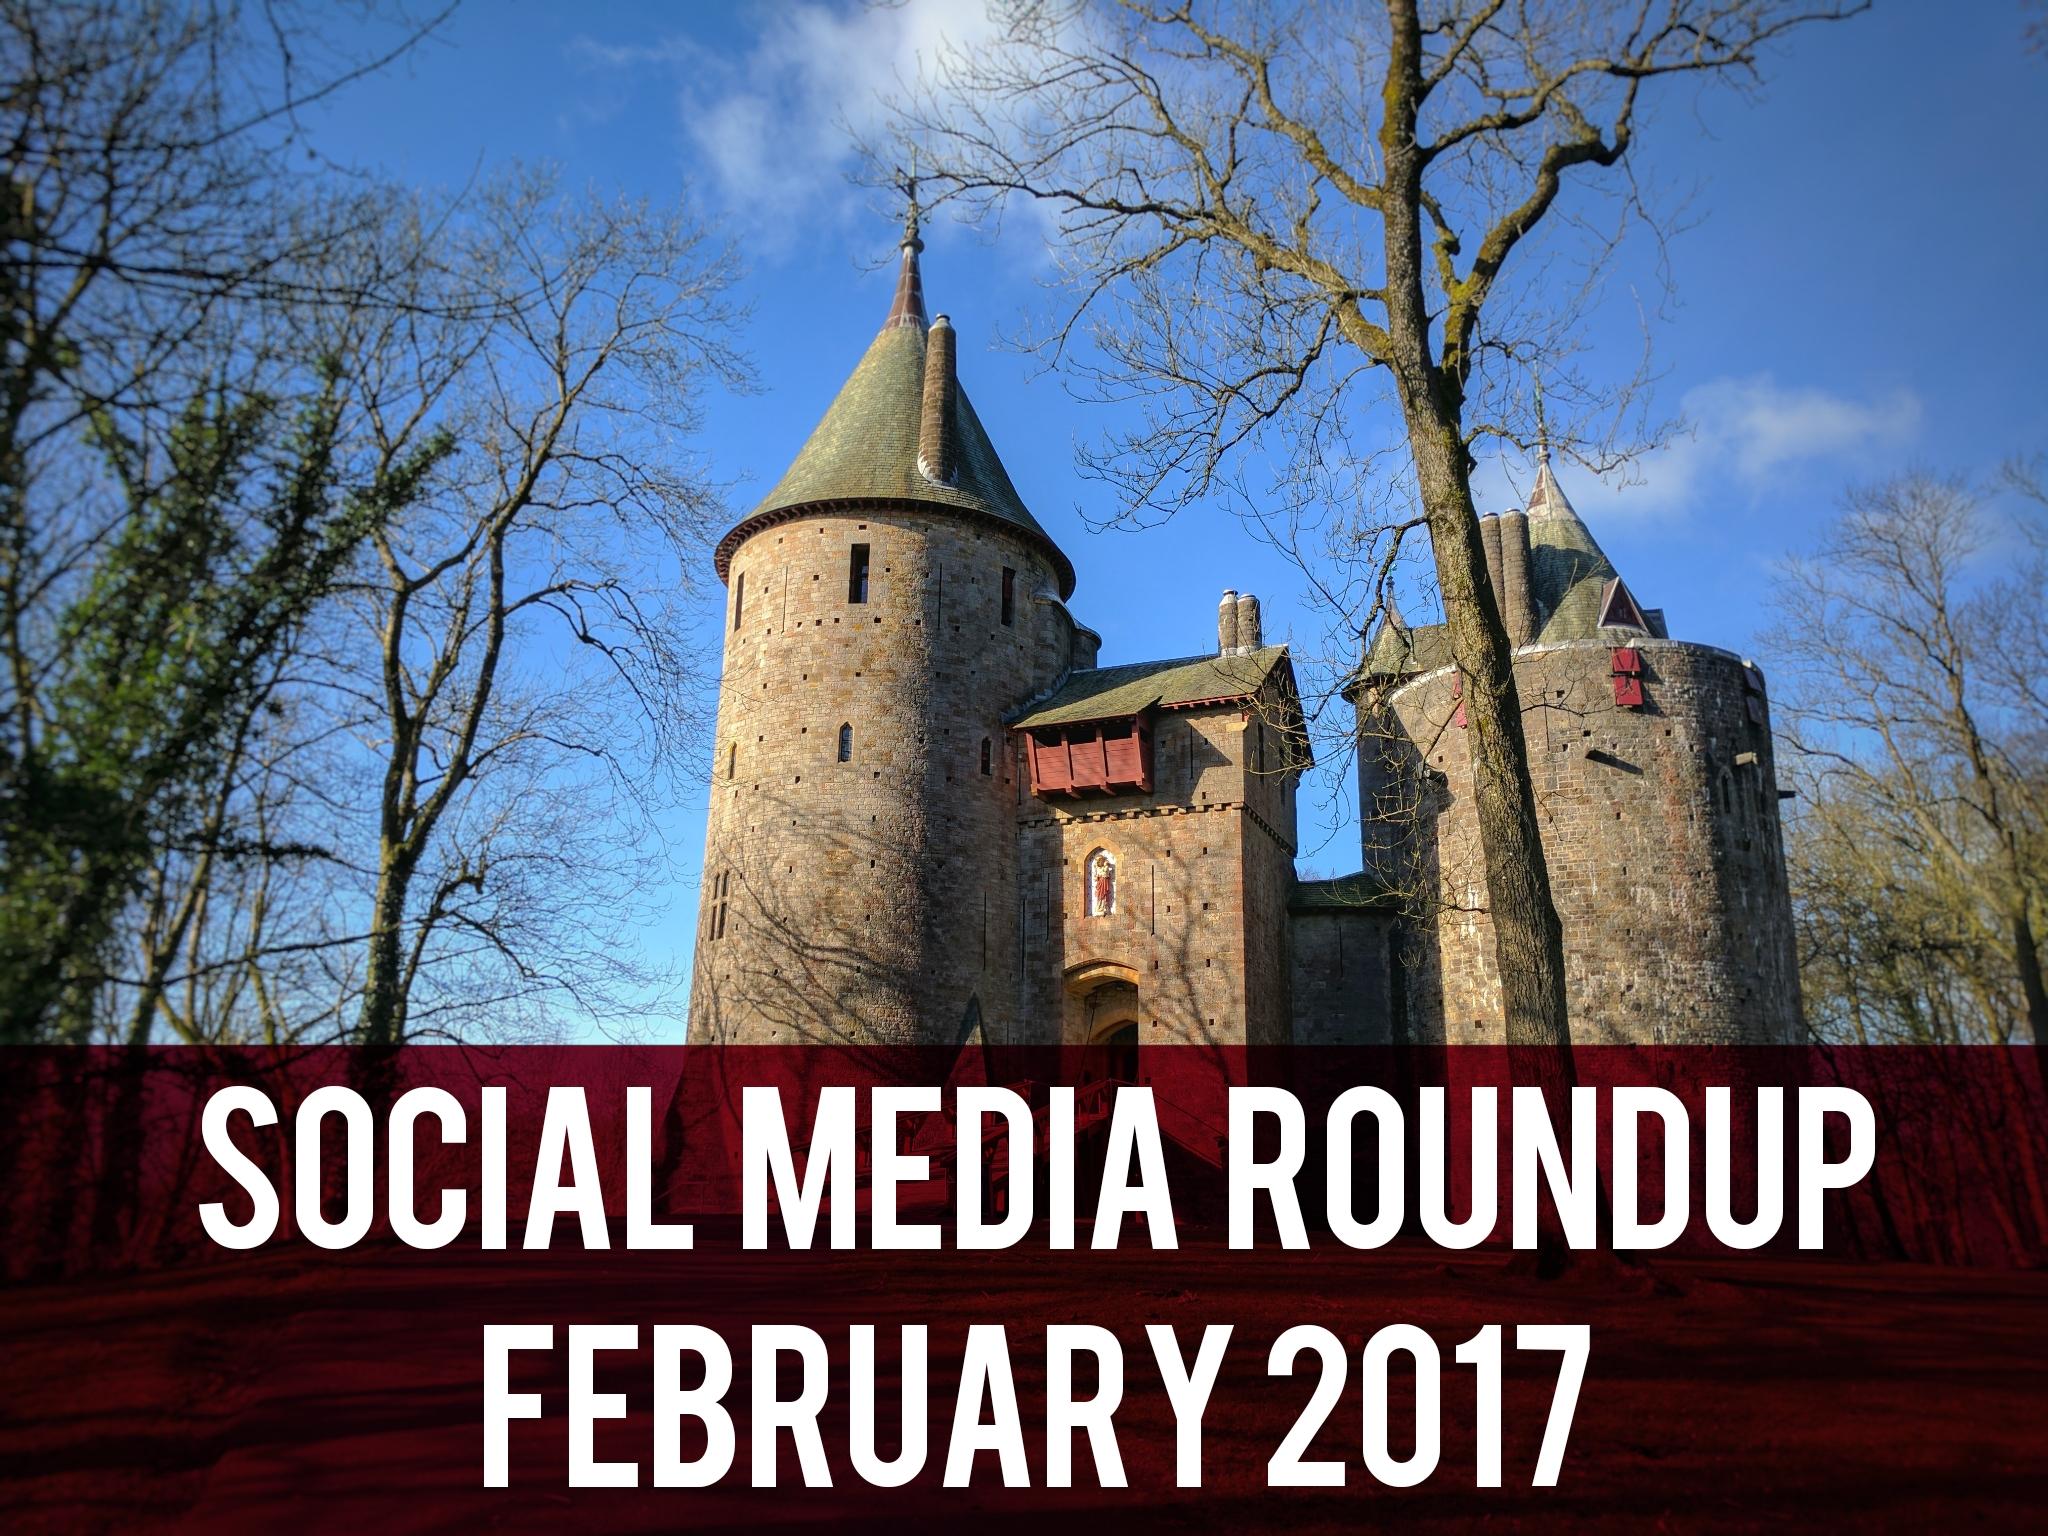 Social Media Roundup header